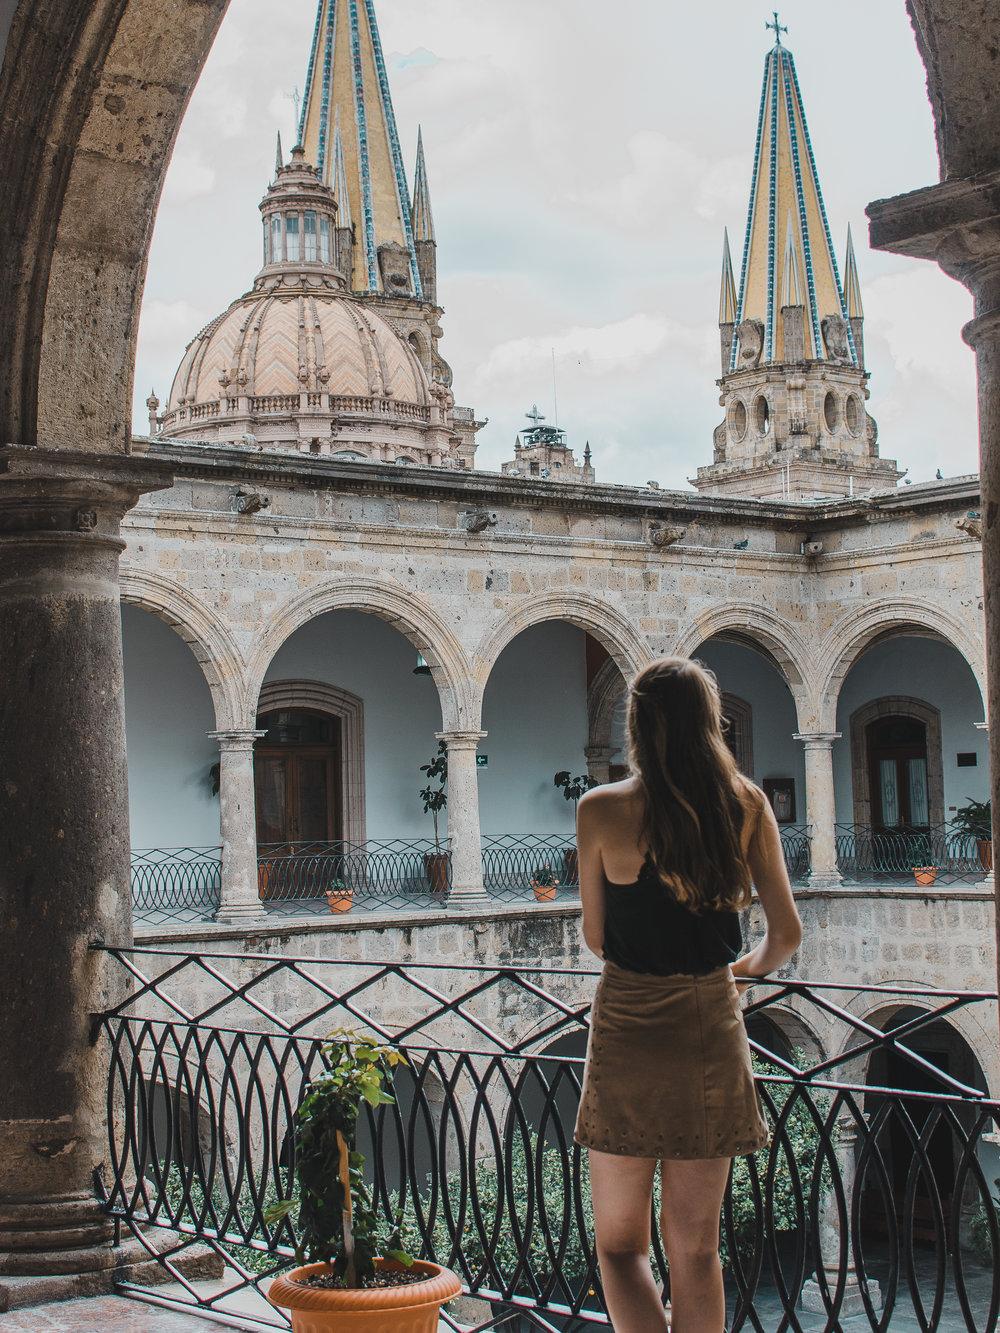 Beautiful arches of Palacio de Gobierno in Guadalajara